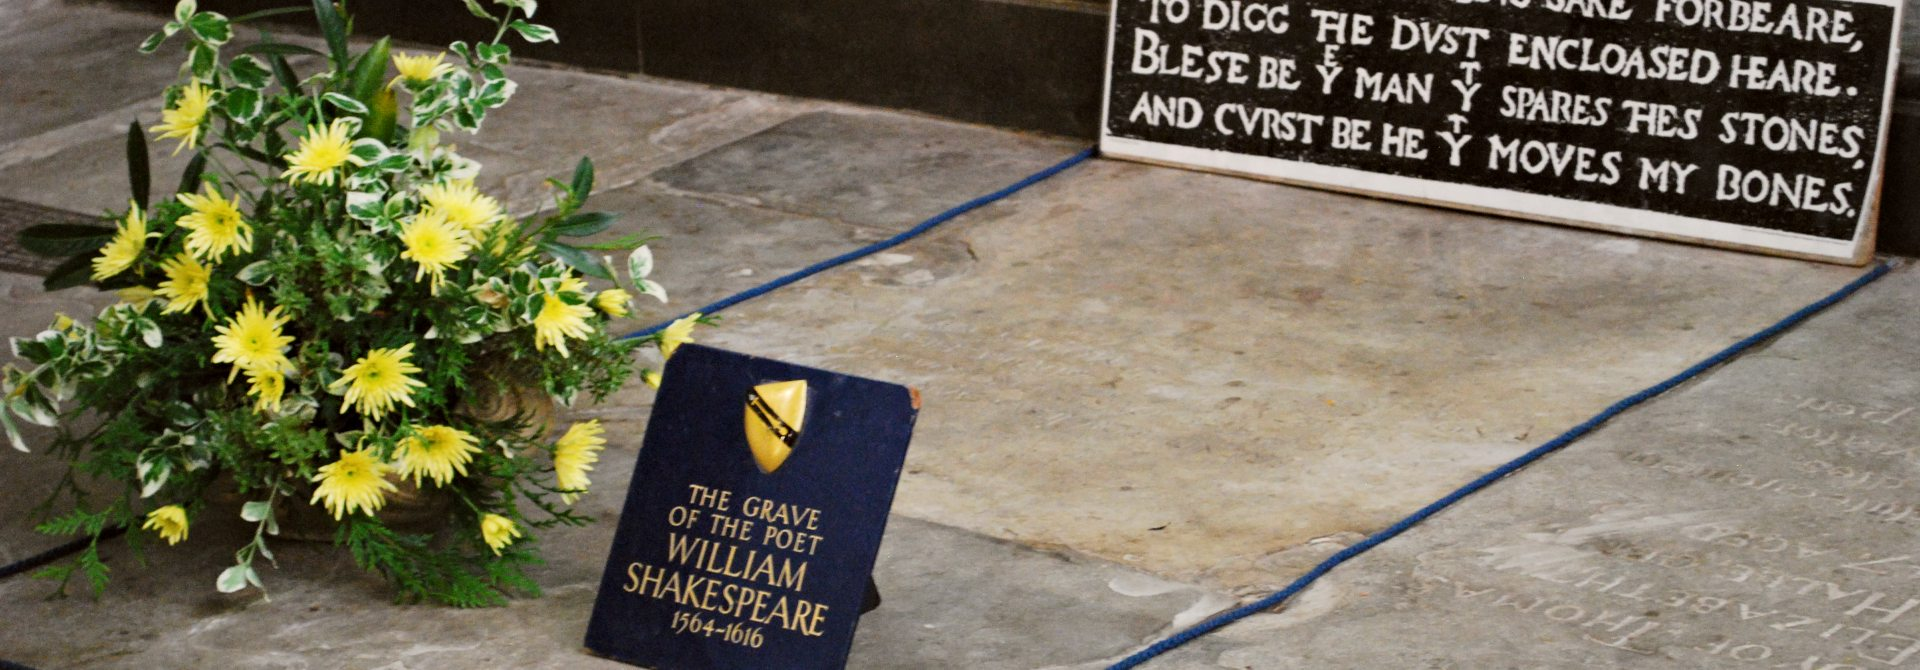 Shakespeare's Grave Header